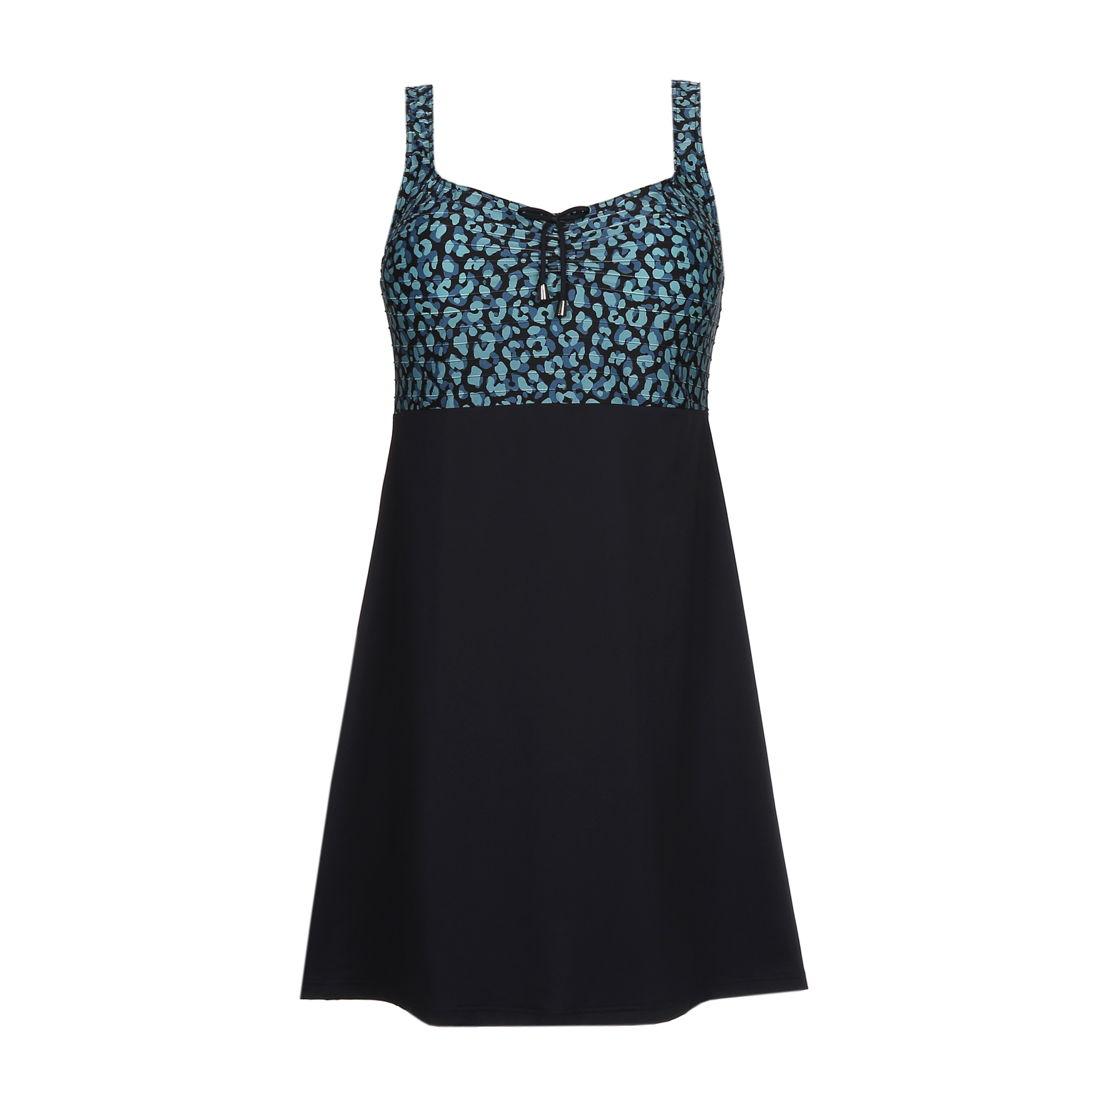 Sherry stretch dress